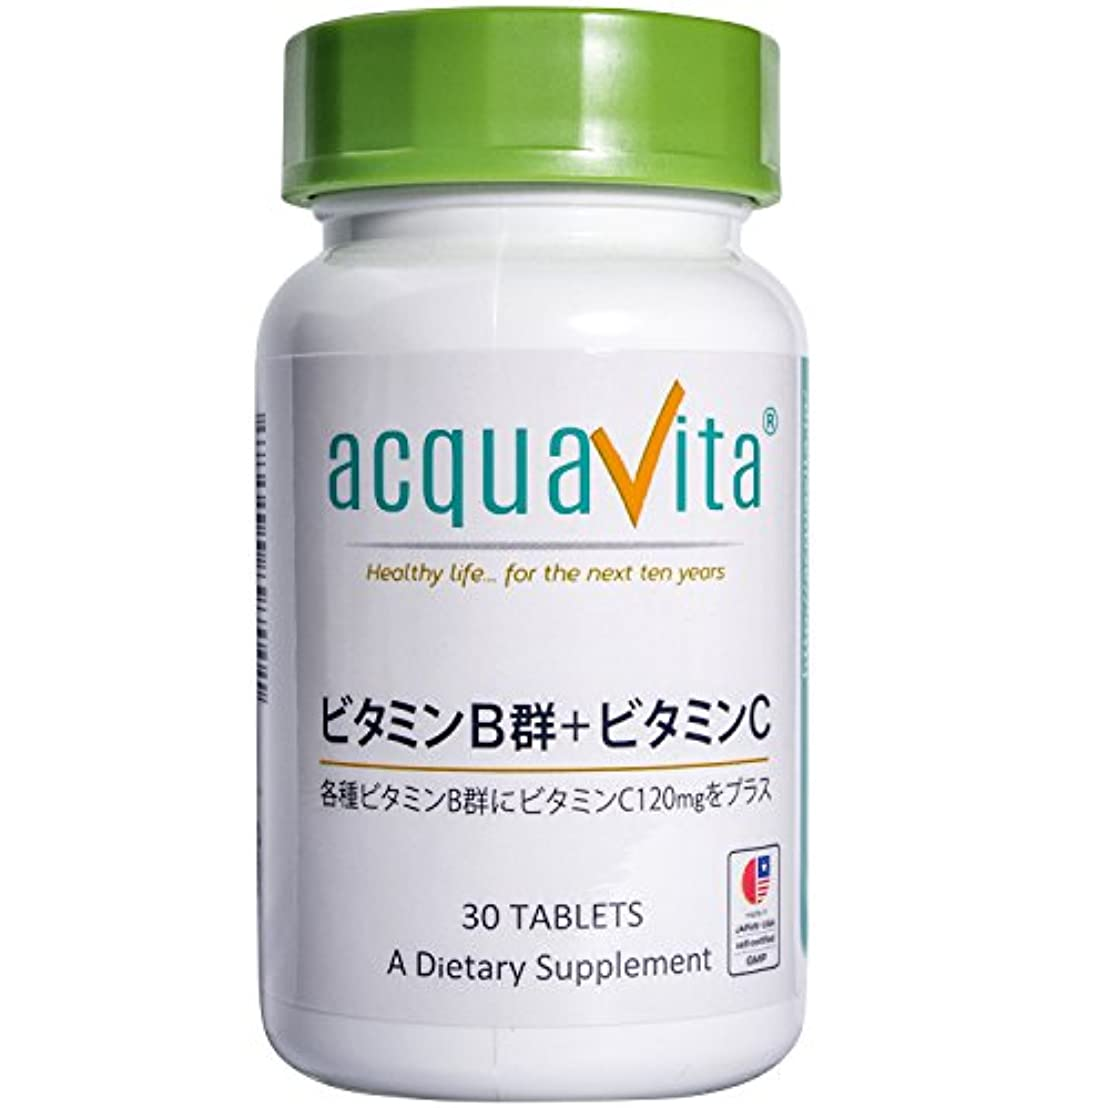 混乱慣習落胆するacquavita(アクアヴィータ)  ビタミンB群+ビタミンC 30粒